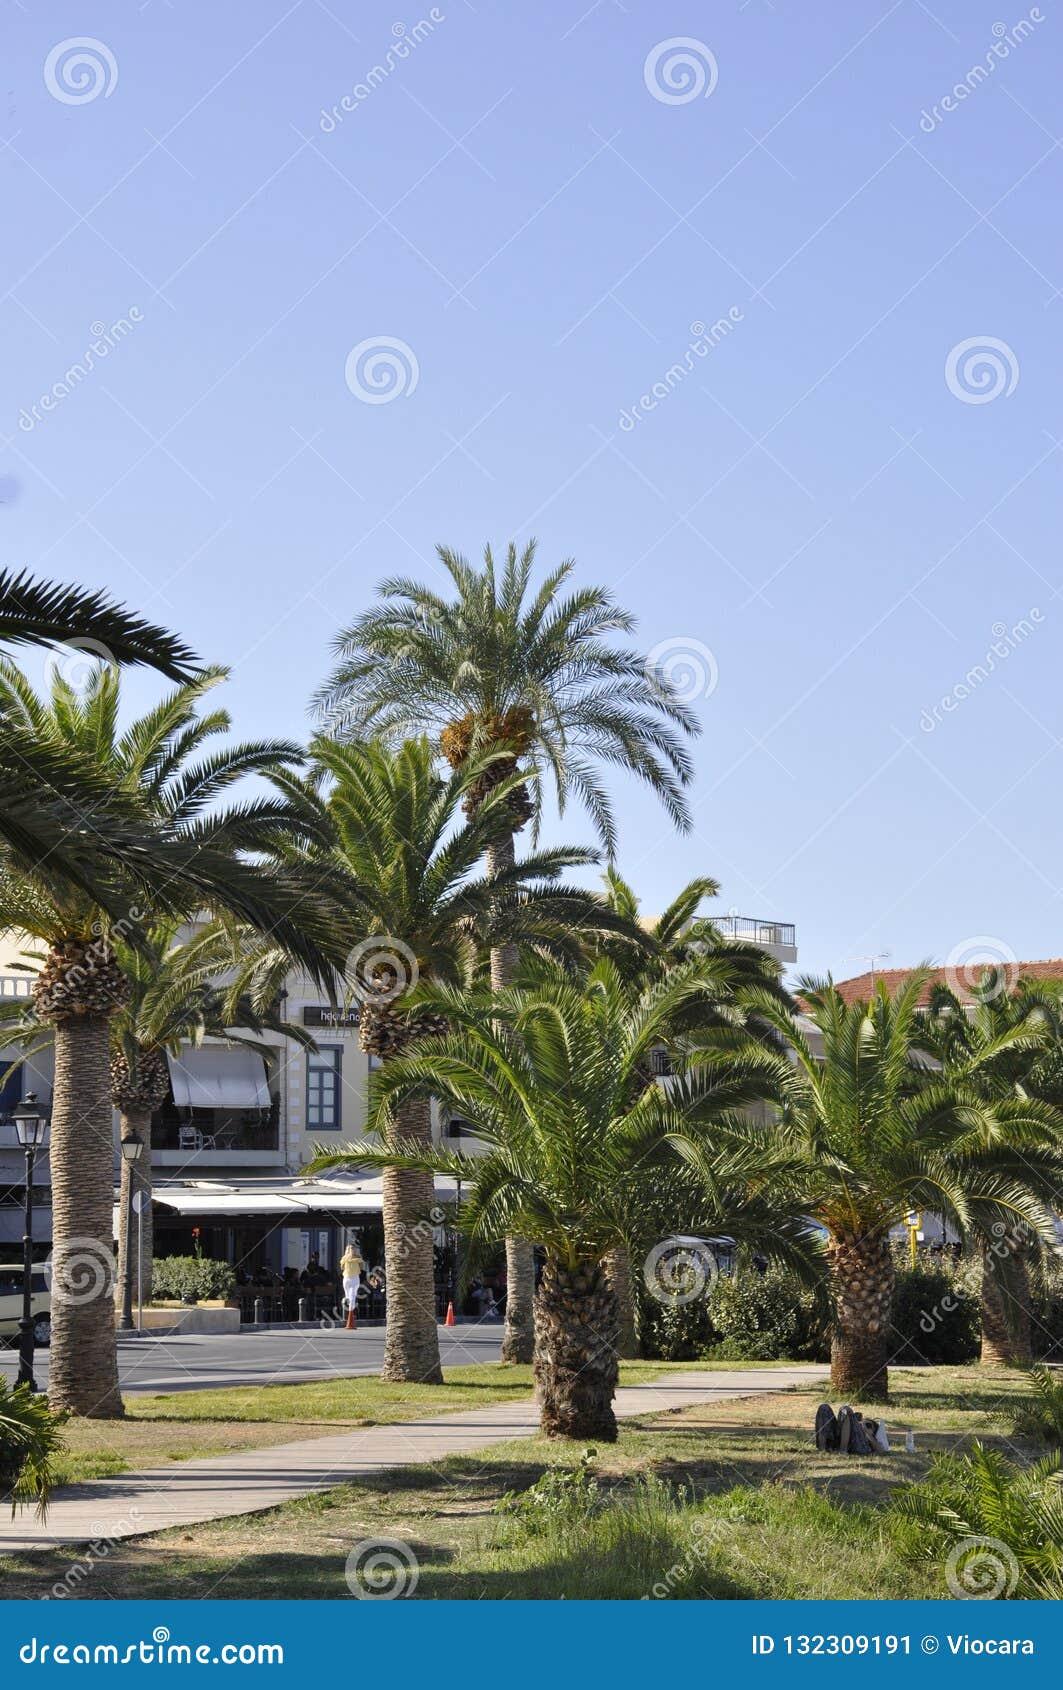 Straße gestaltet mit Palmen von der Rethymno-Stadt von Kreta in Griechenland